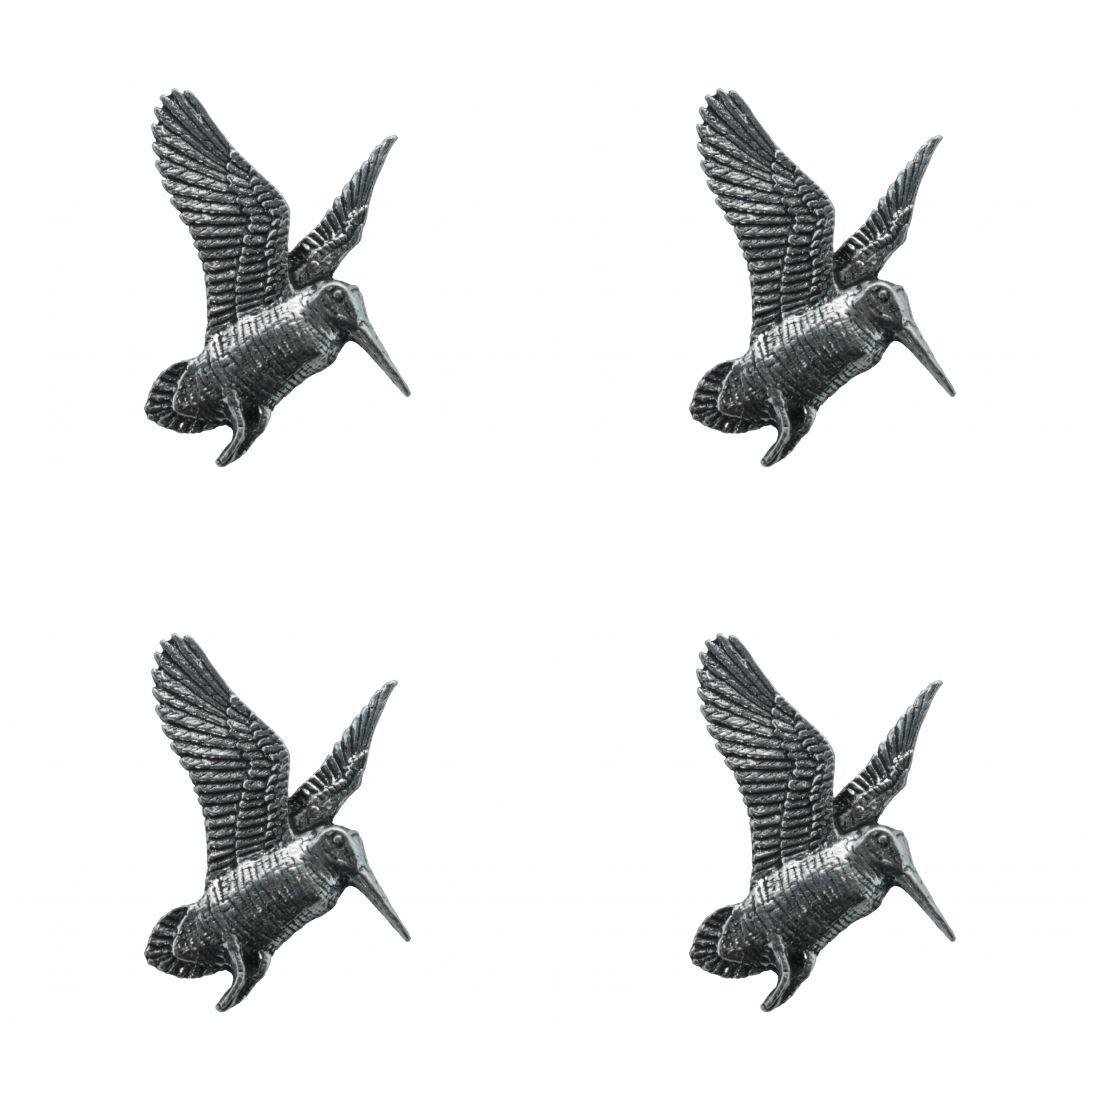 4 x Pin Anstecker Badge Schnepfe, 3,8x3,8cm